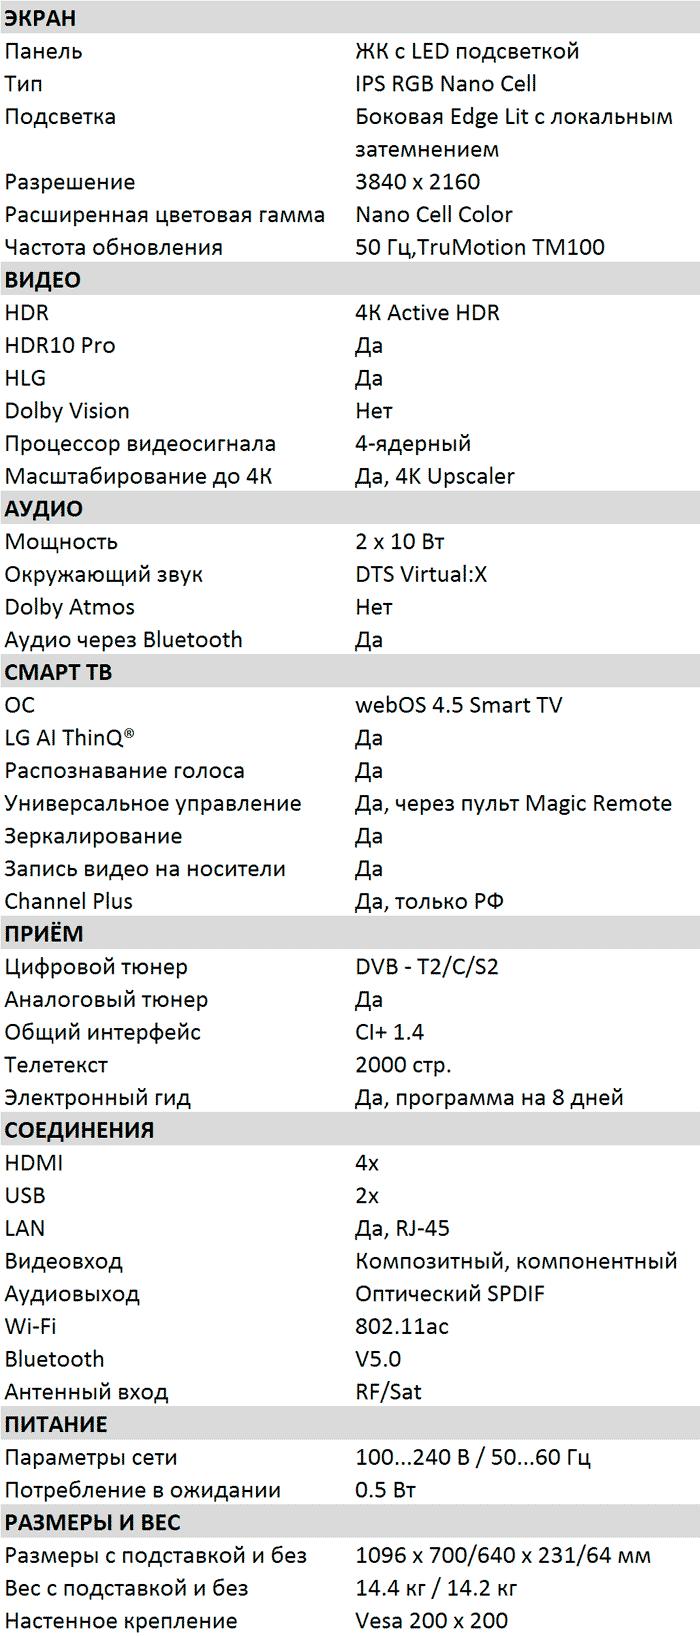 Характеристики SM8000